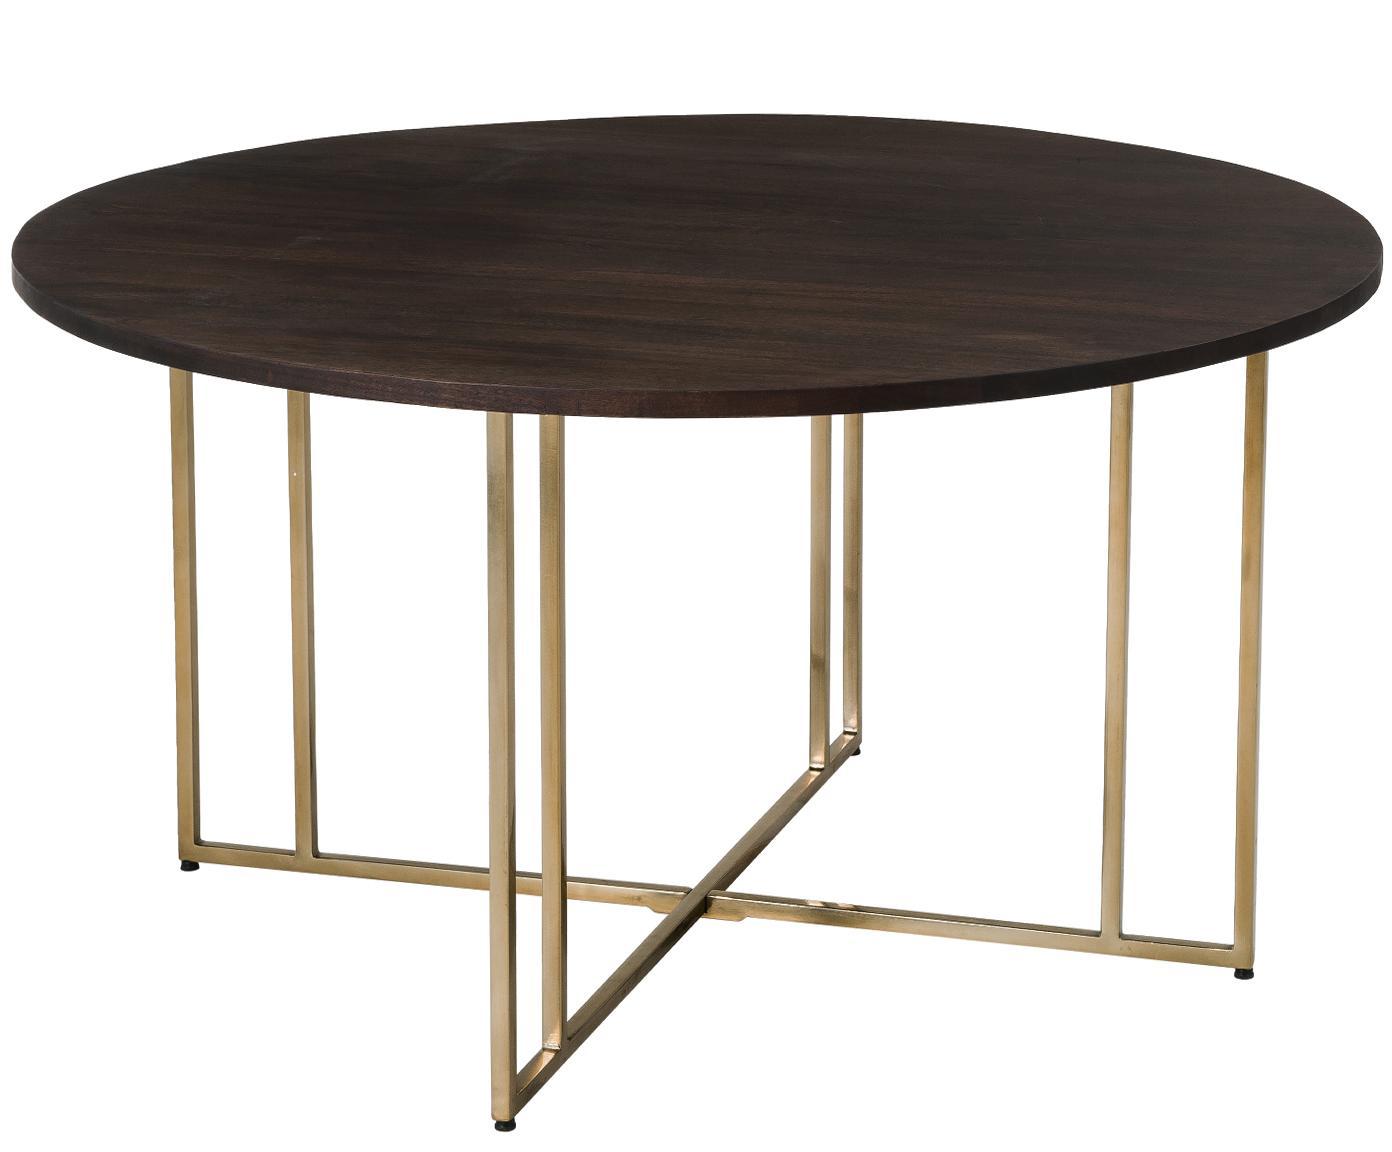 Okrągły stół do jadalni z litego drewna Luca, Blat: drewno mangowe, Stelaż: metal powlekany, Blat: drewno mangowe, ciemny, lakierowany Stelaż: odcienie złotego, Ø 140 x W 75 cm